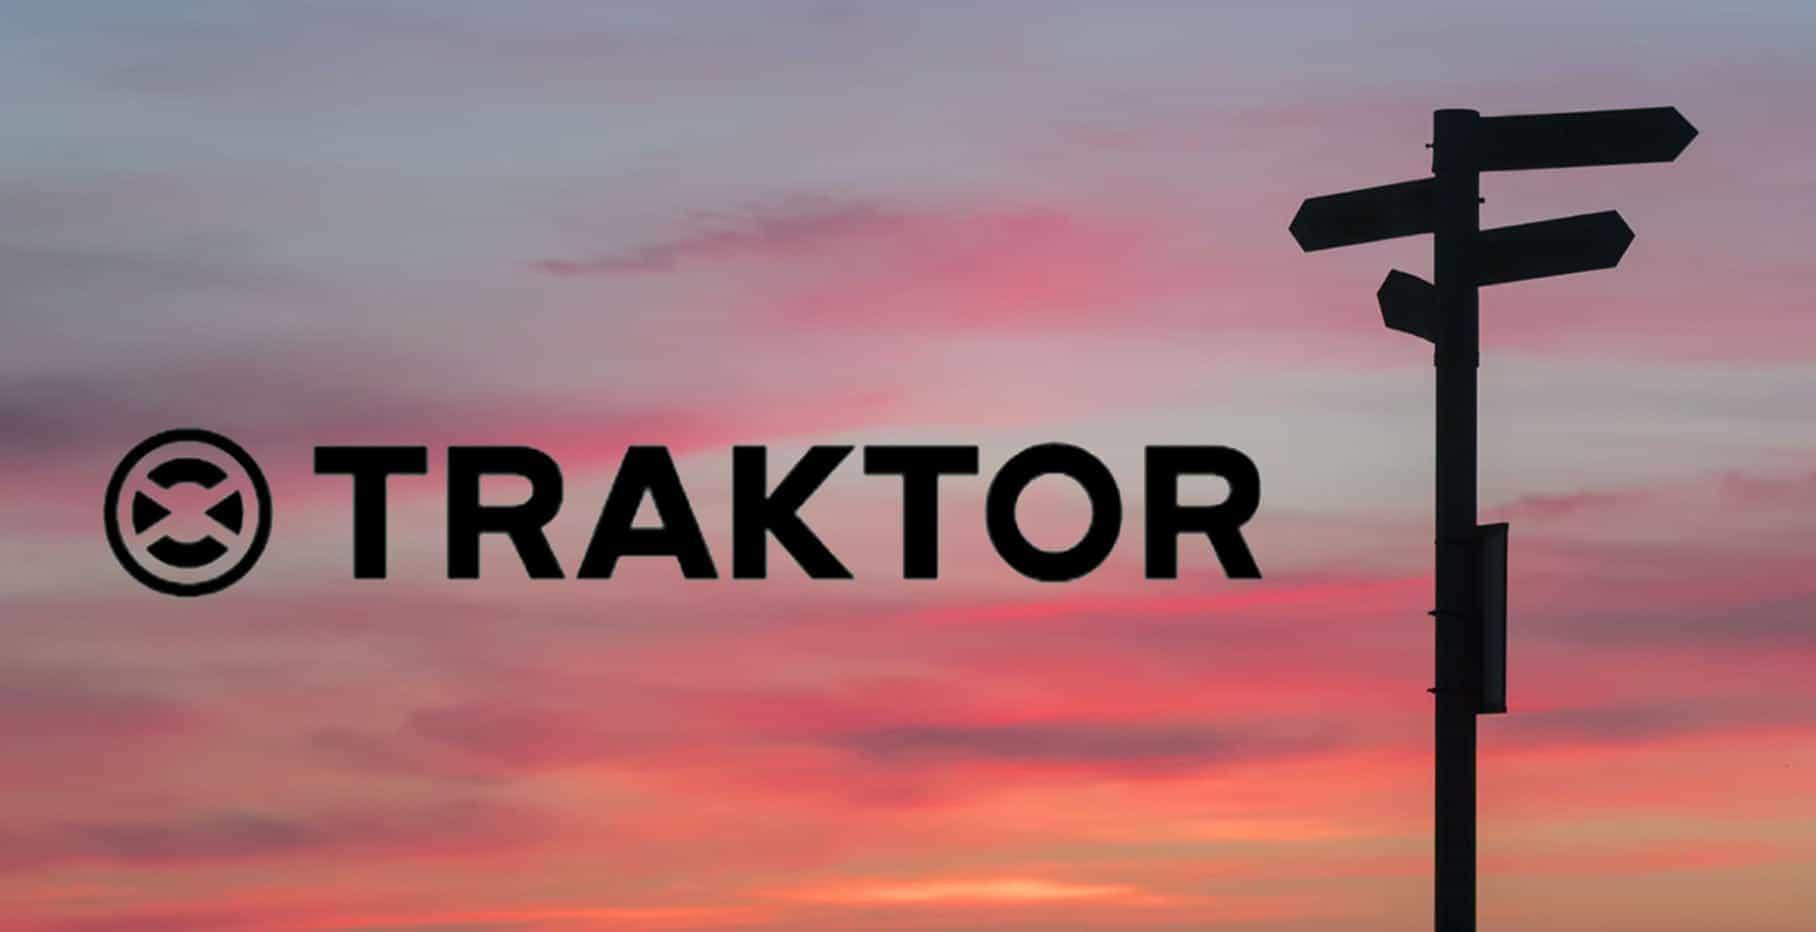 La mayoría de las acciones de Native Instruments se vendieron. ¿Qué podría significar eso para Traktor? 2